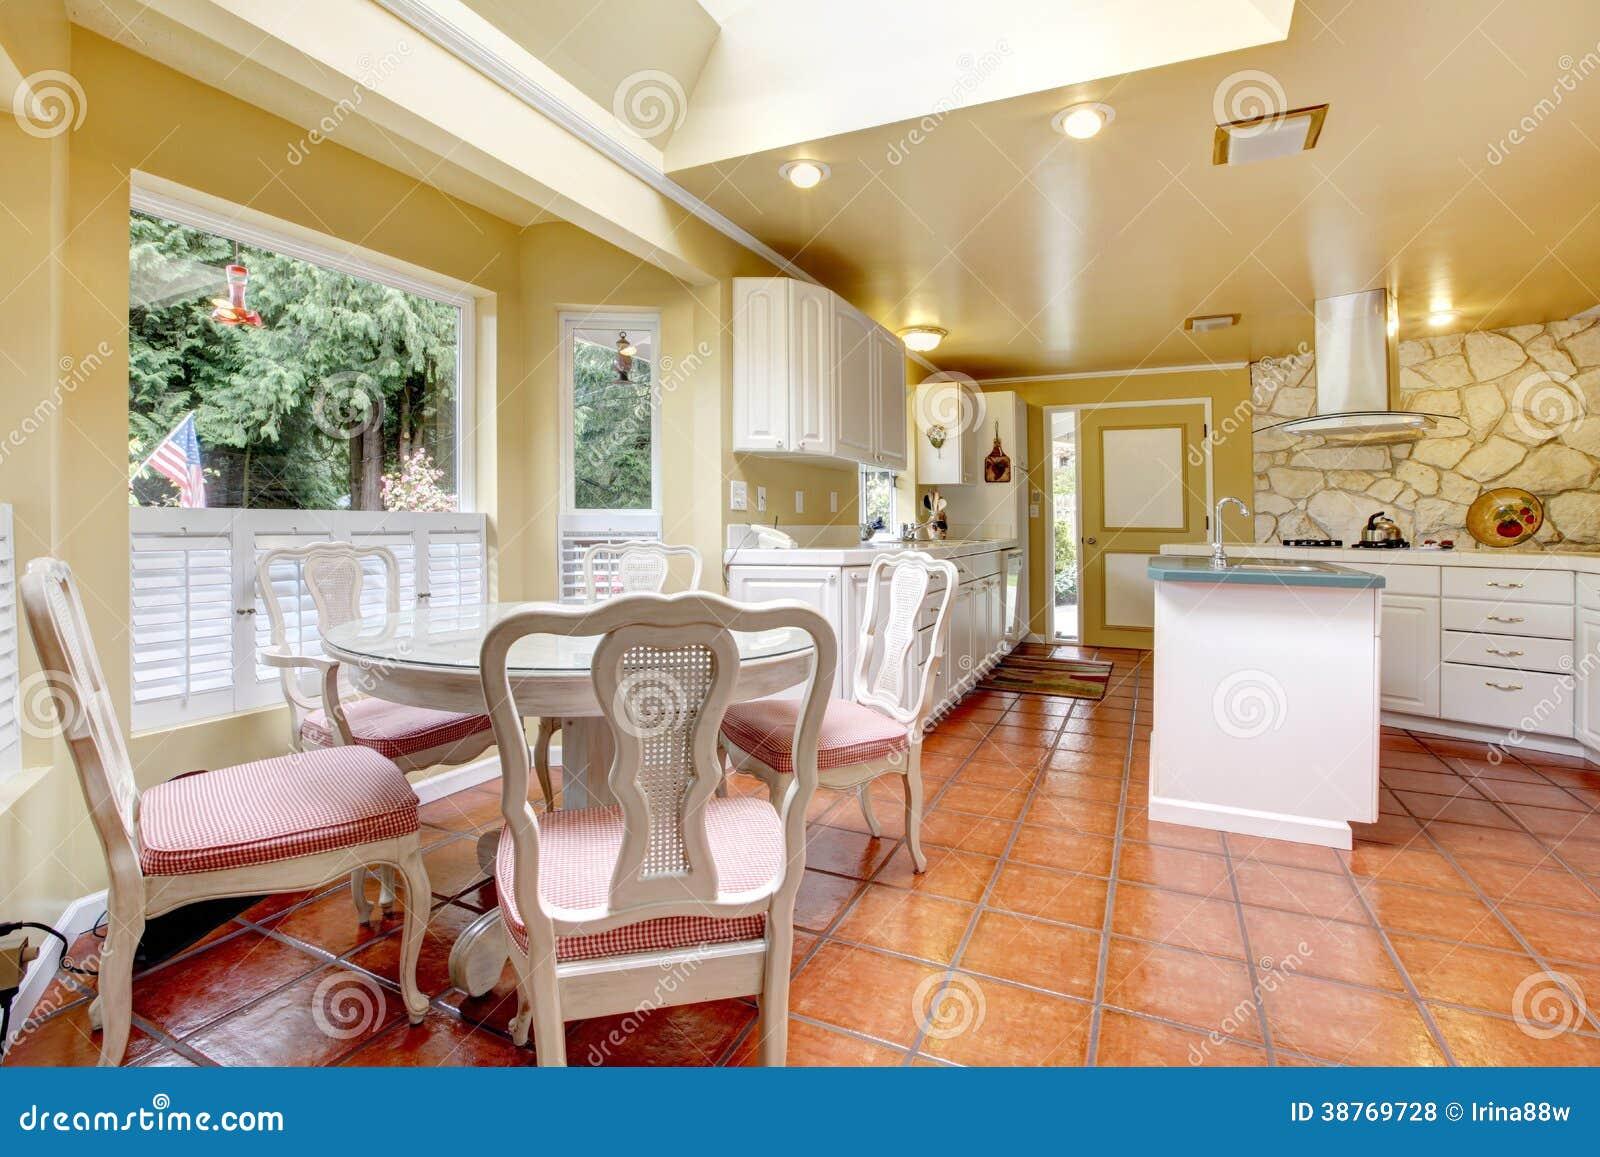 Avorio e stanza bianca della cucina con l 39 insieme del tavolo da pranzo fotografia stock - Stanze da pranzo ...